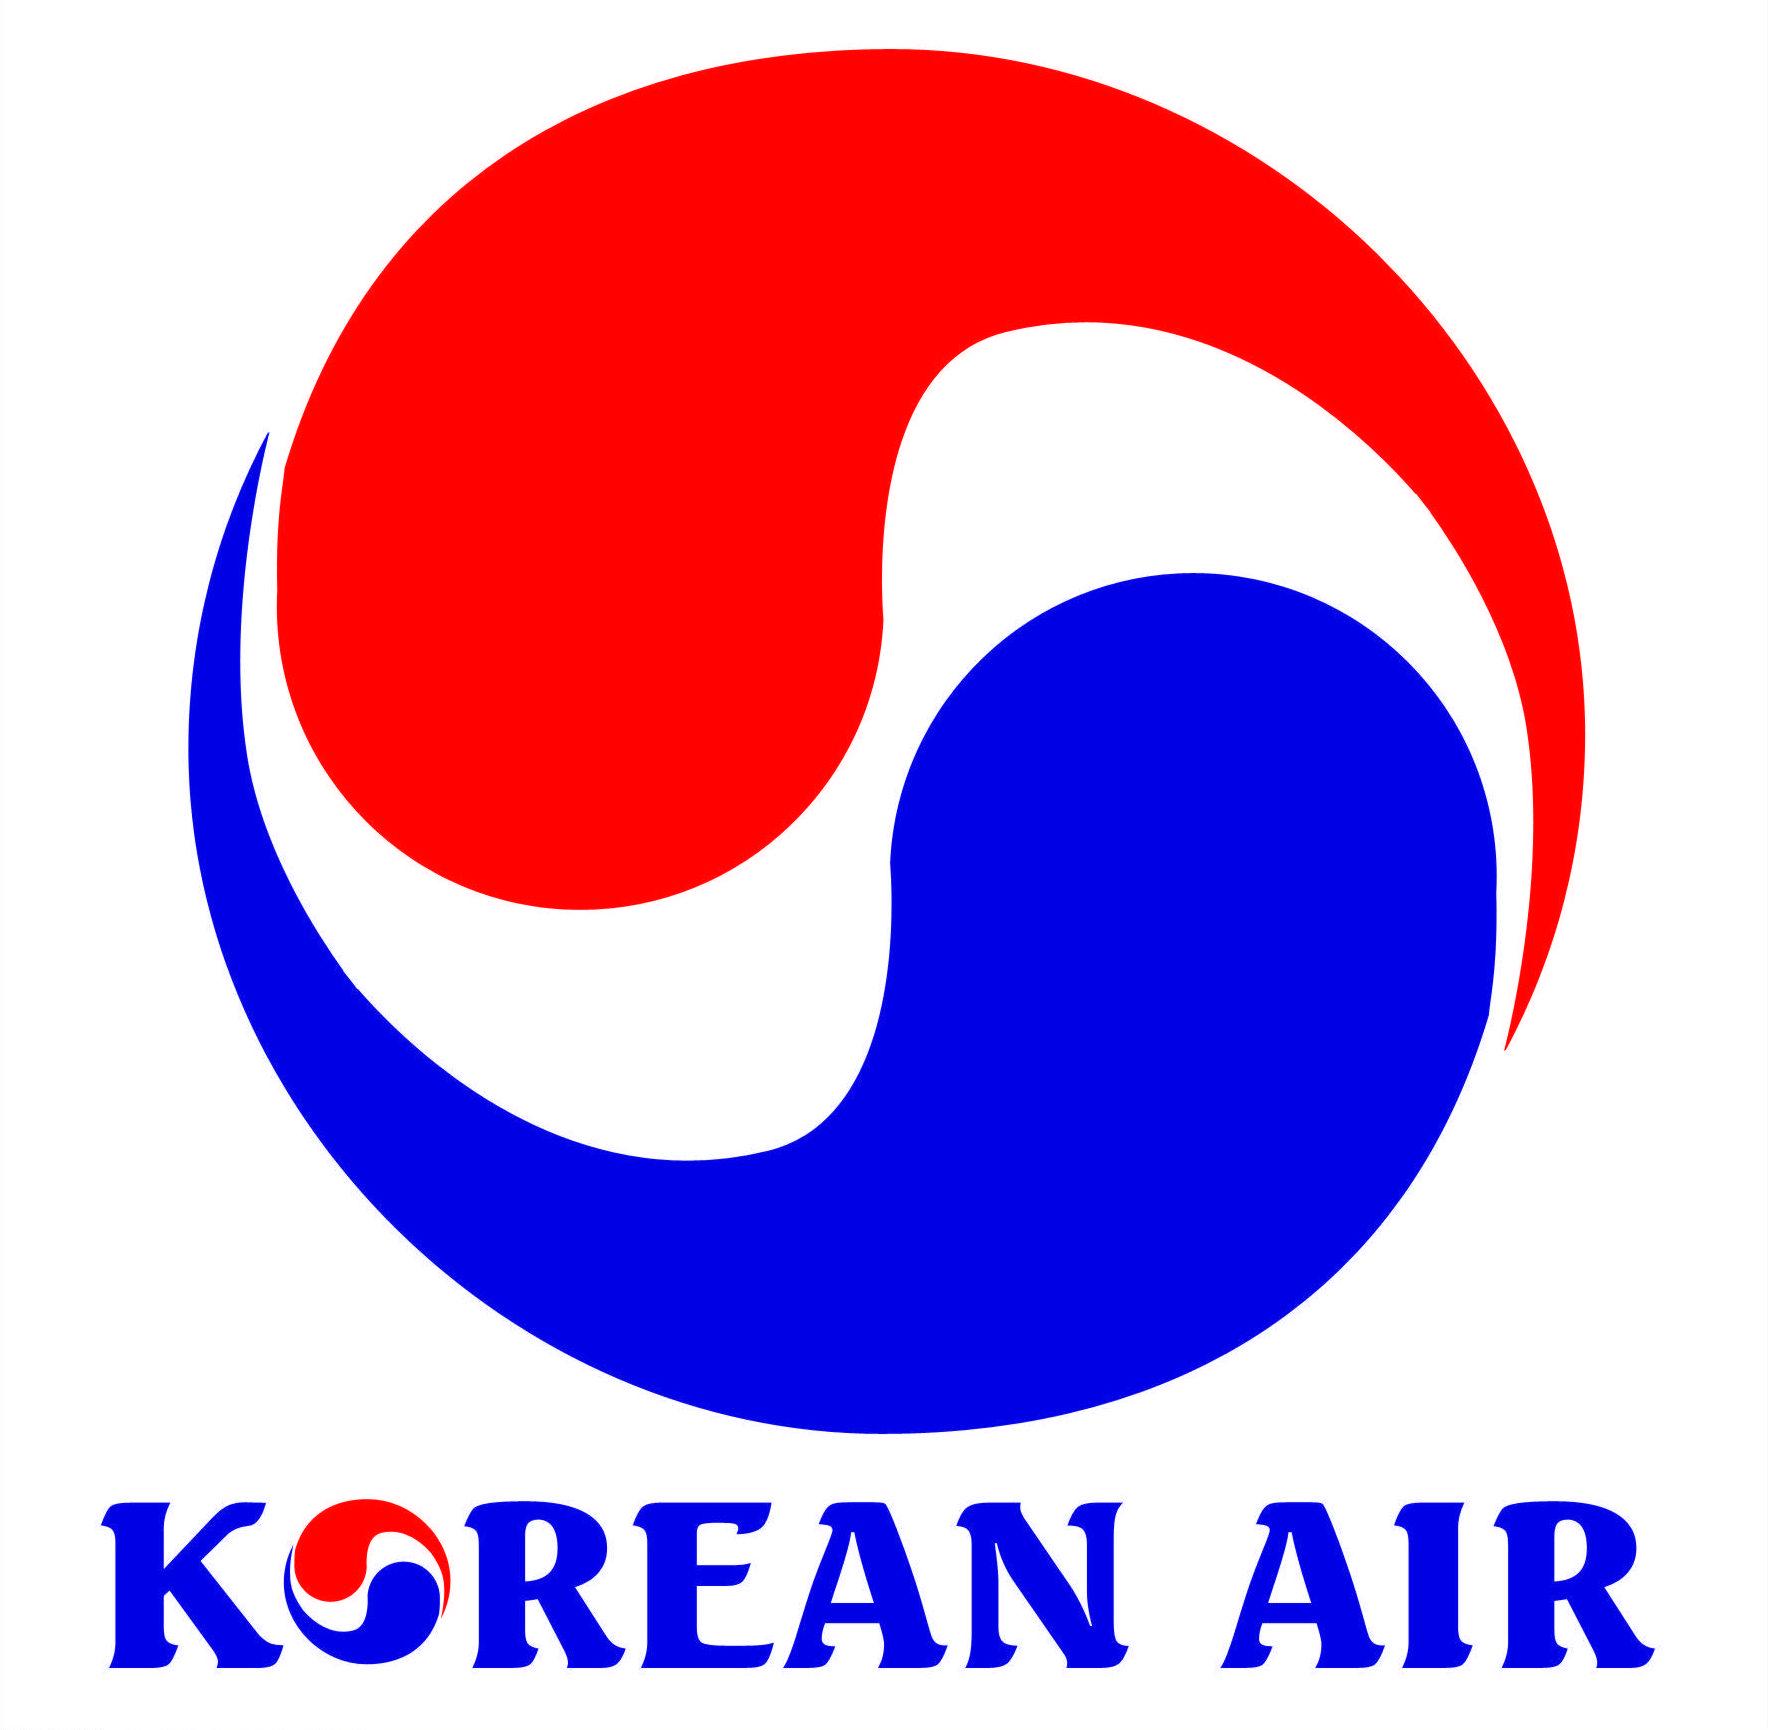 Korean Air Logos Brands Directory